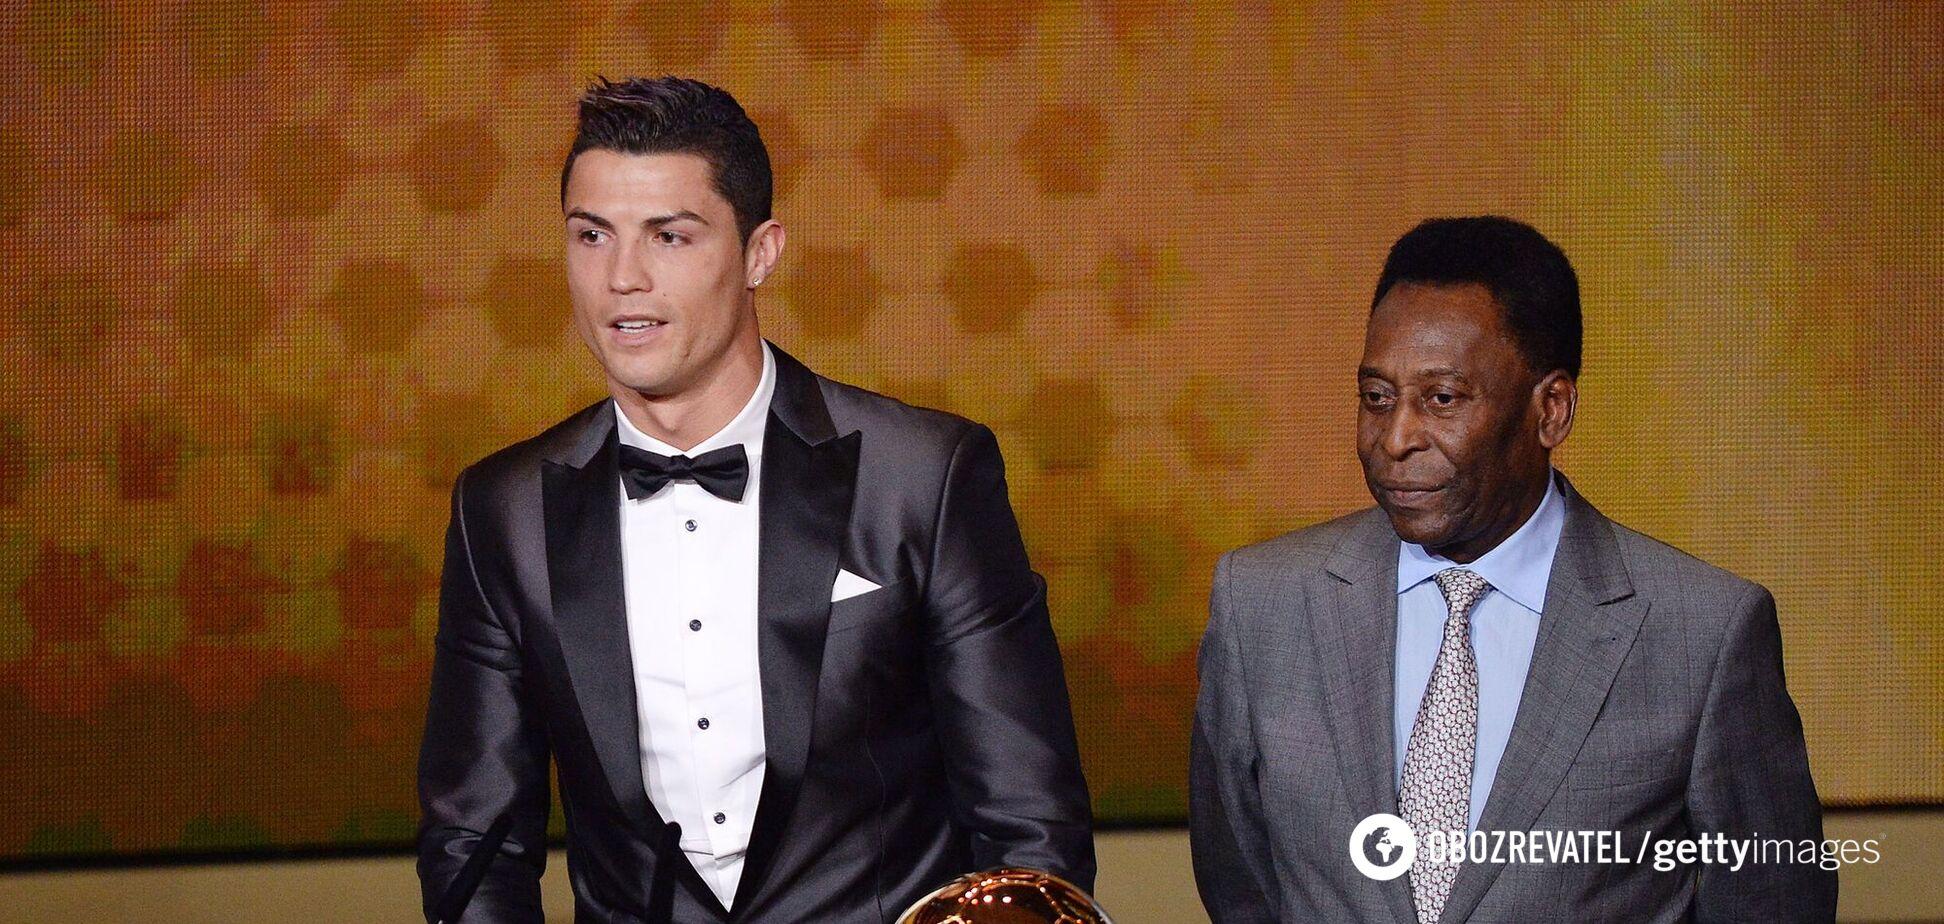 Криштиану Роналду и Пеле на церемонии вручения 'Золотого мяча'